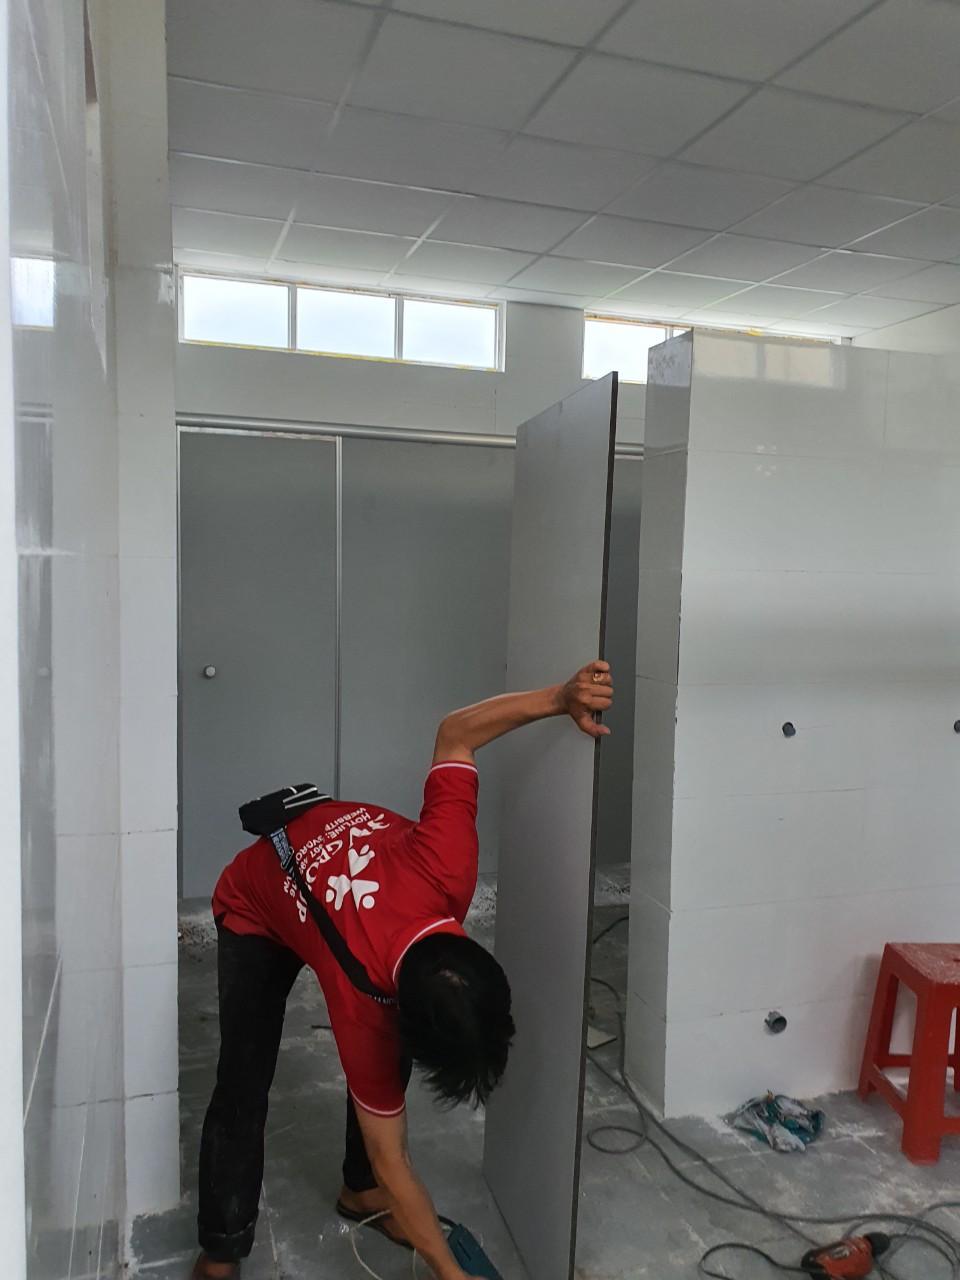 Thi công vách ngăn vệ sinh bằng nhựa tại Trường Trung học Cơ sở Phường 3, Sóc Trăng